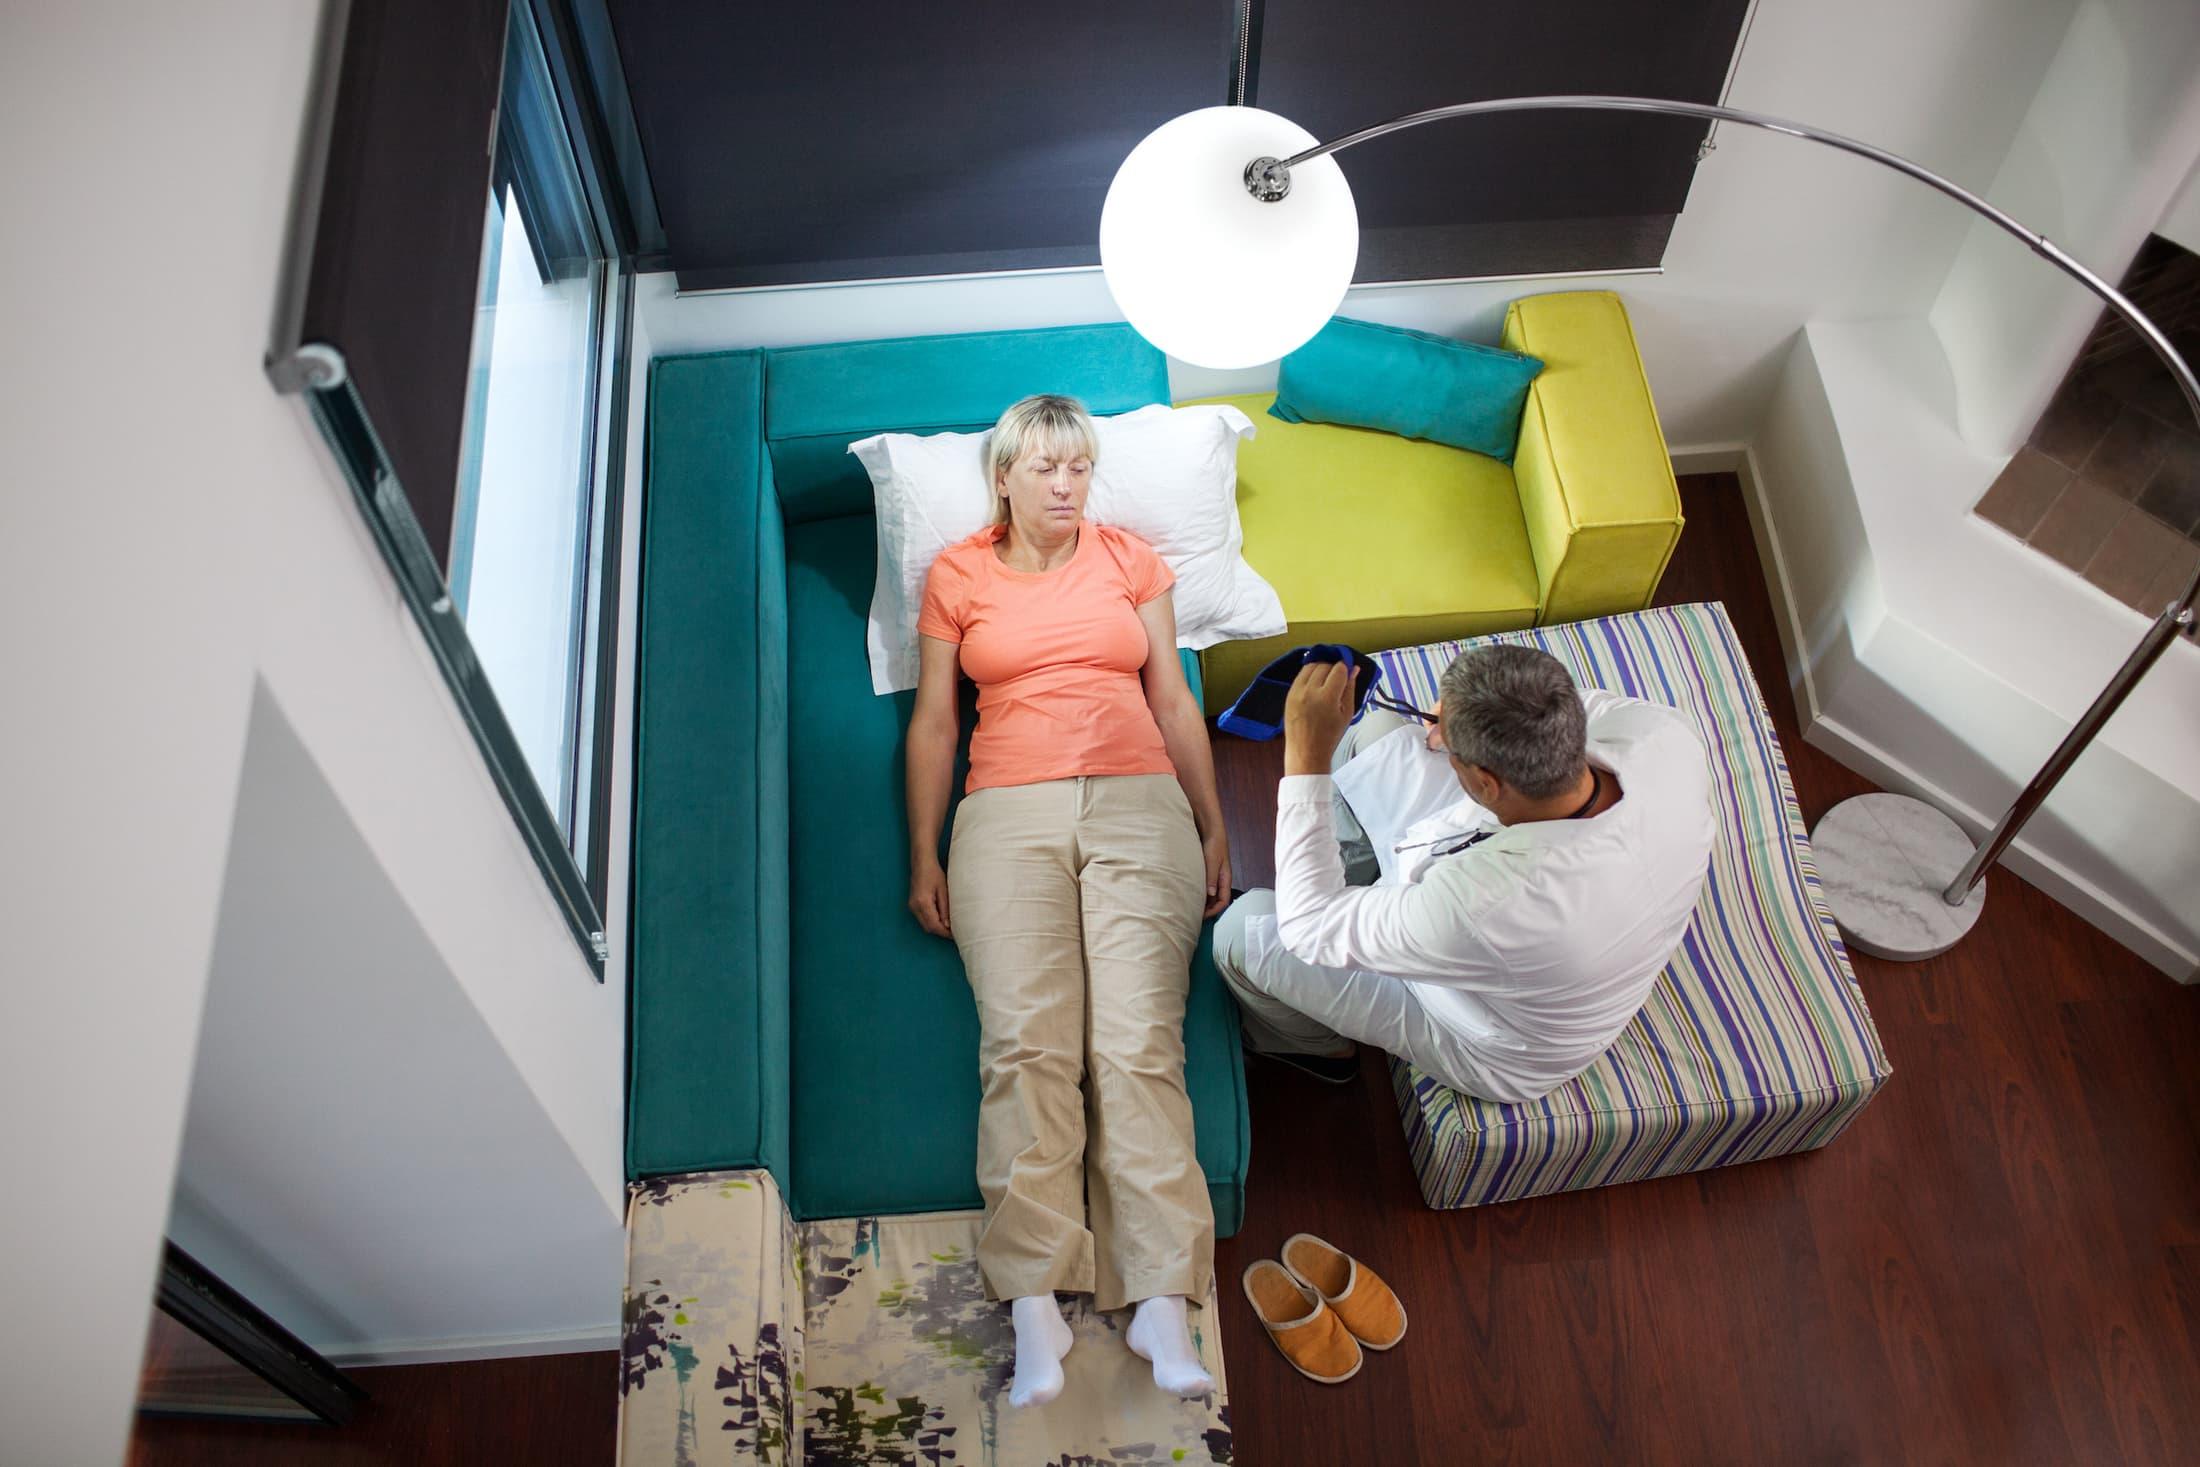 doctor home visits VLF37QZ